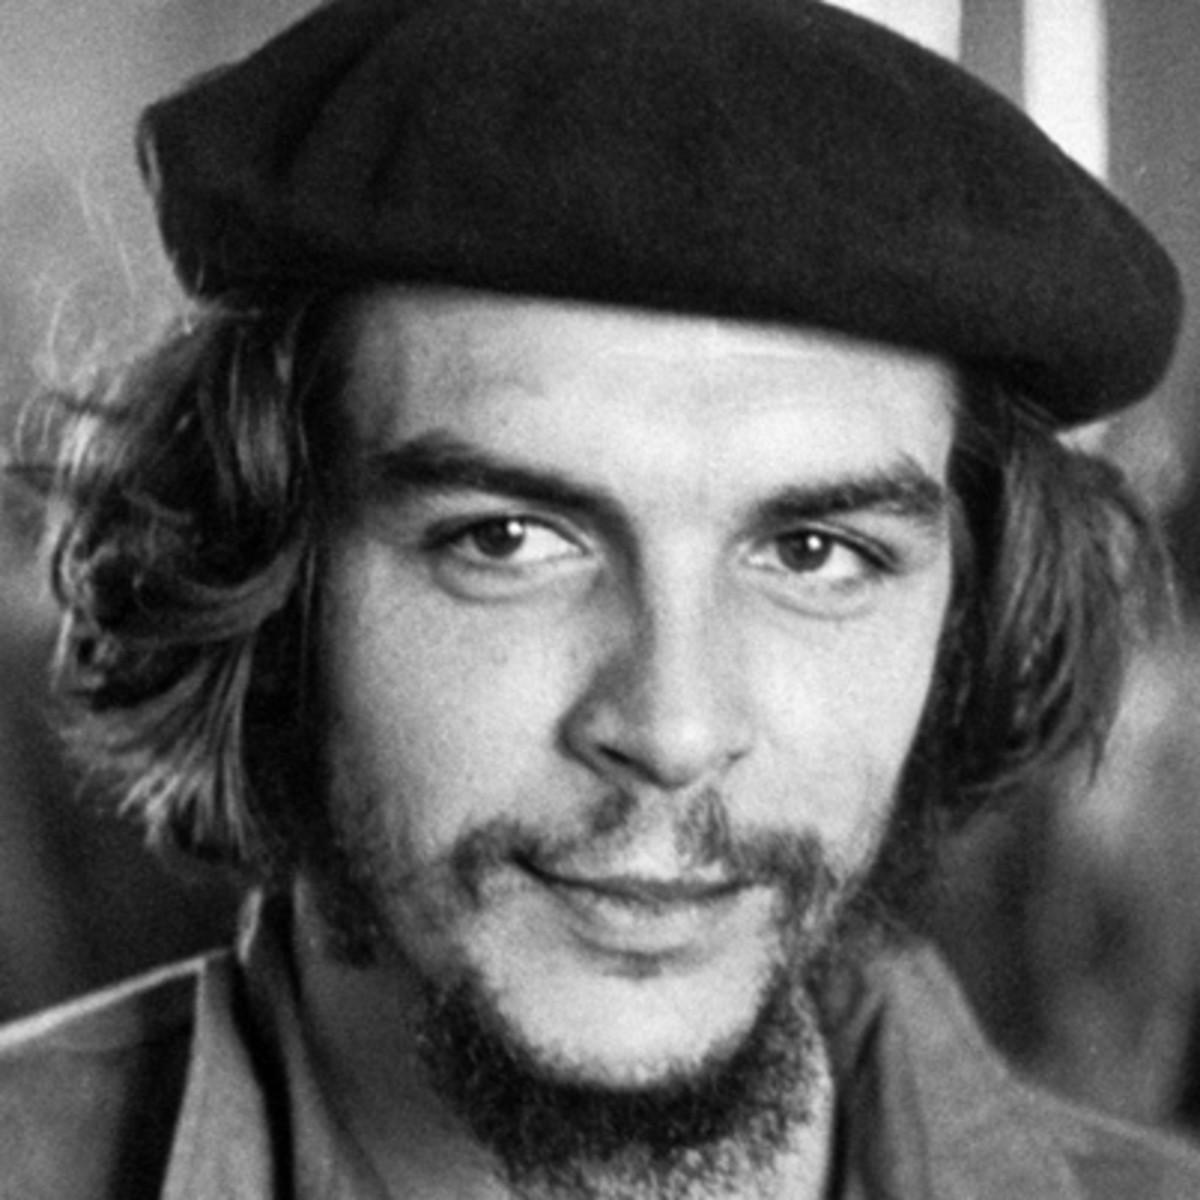 Negro Boina genuina Ch/é Guevara de Laulh/ère